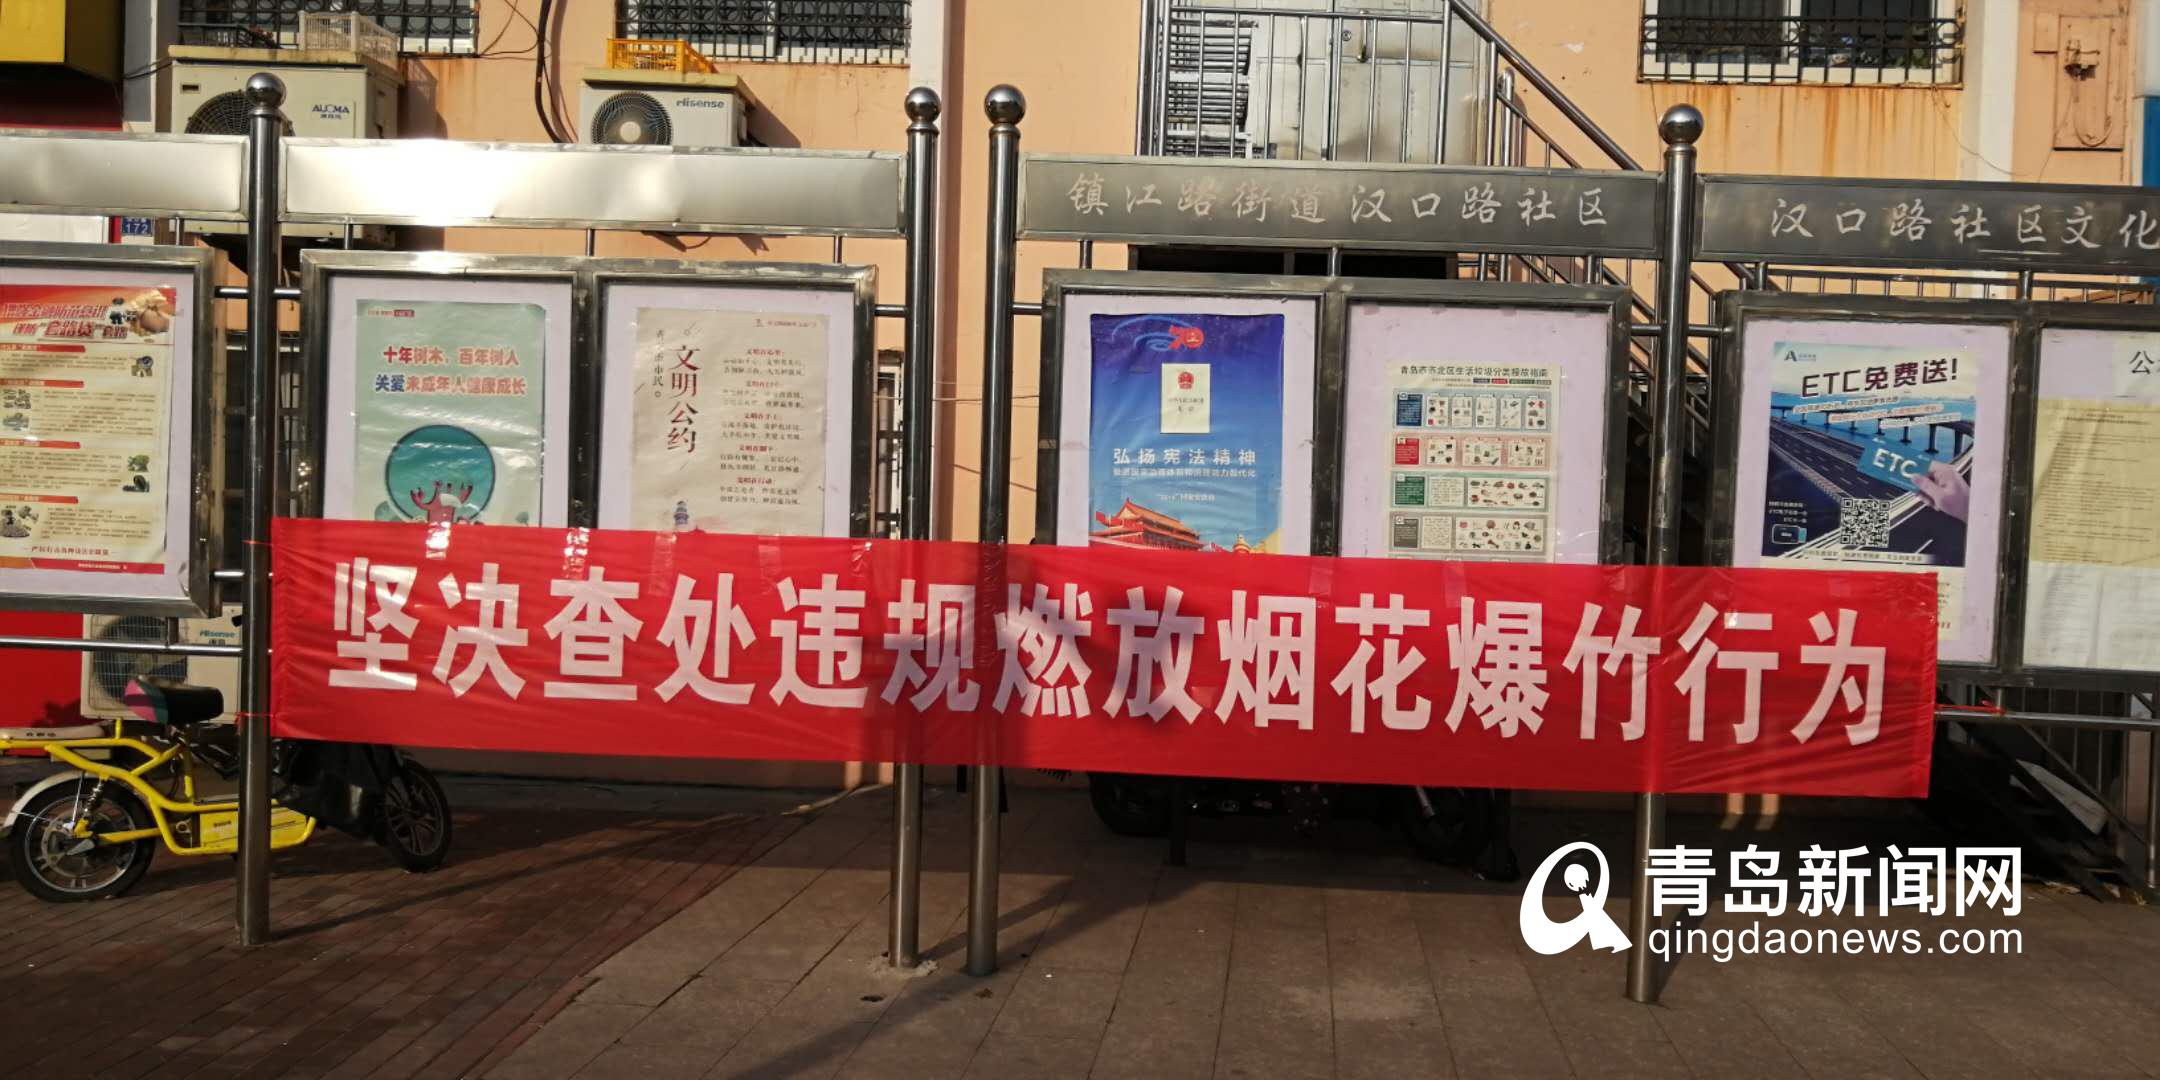 """如何利用网络赚钱:严把""""安全关"""" 镇江路街道组成联合夜查组开展"""